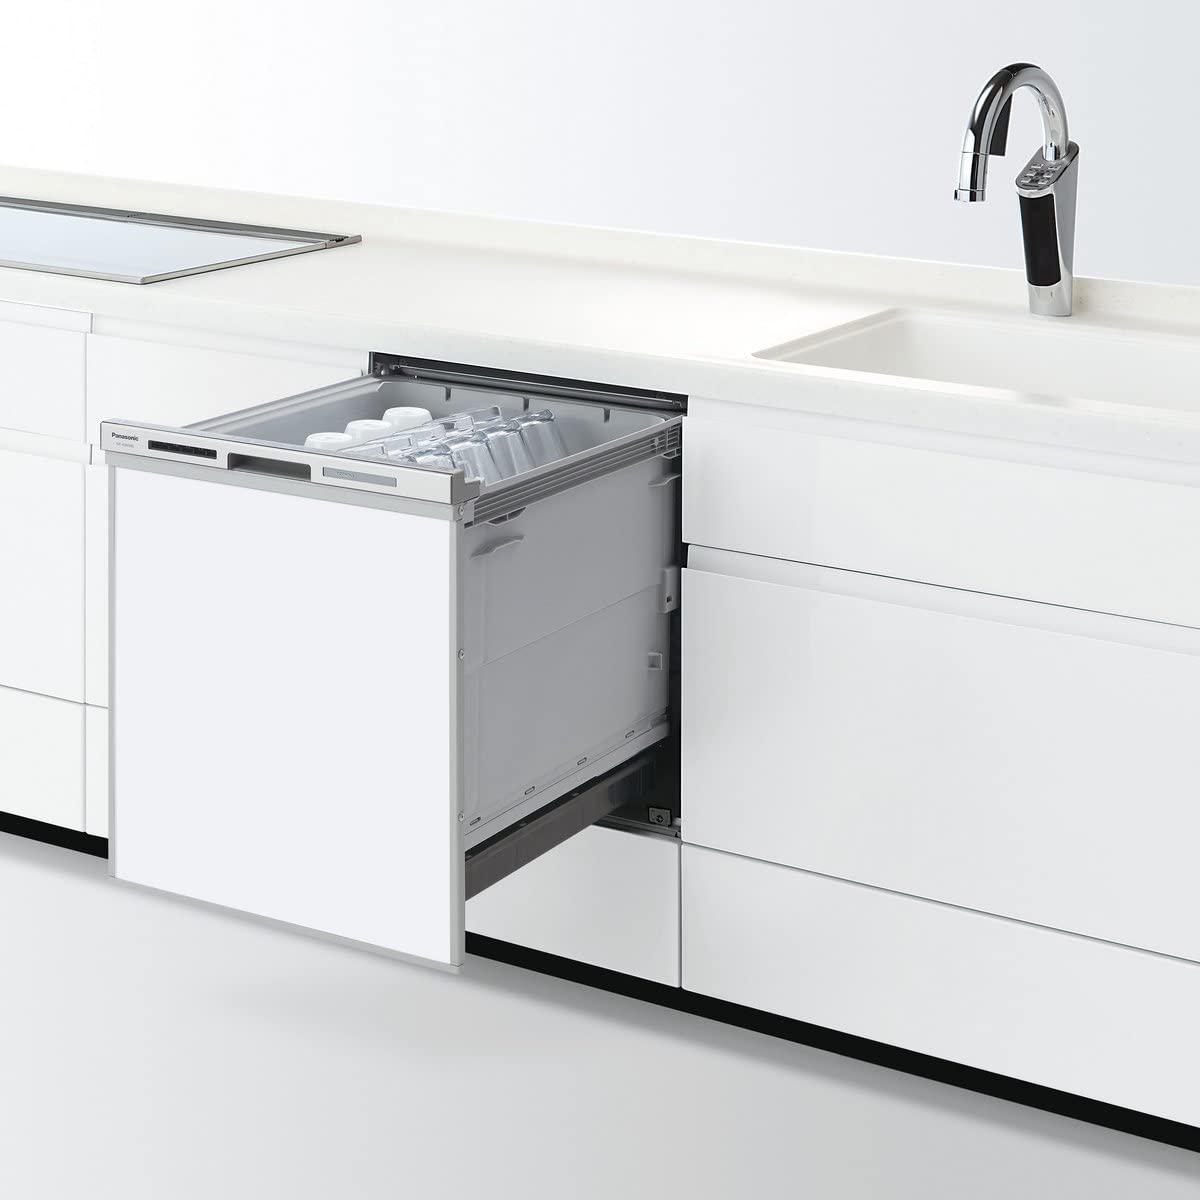 Panasonic(パナソニック) ビルトイン食器洗い乾燥機 NP-45MD8Sの商品画像